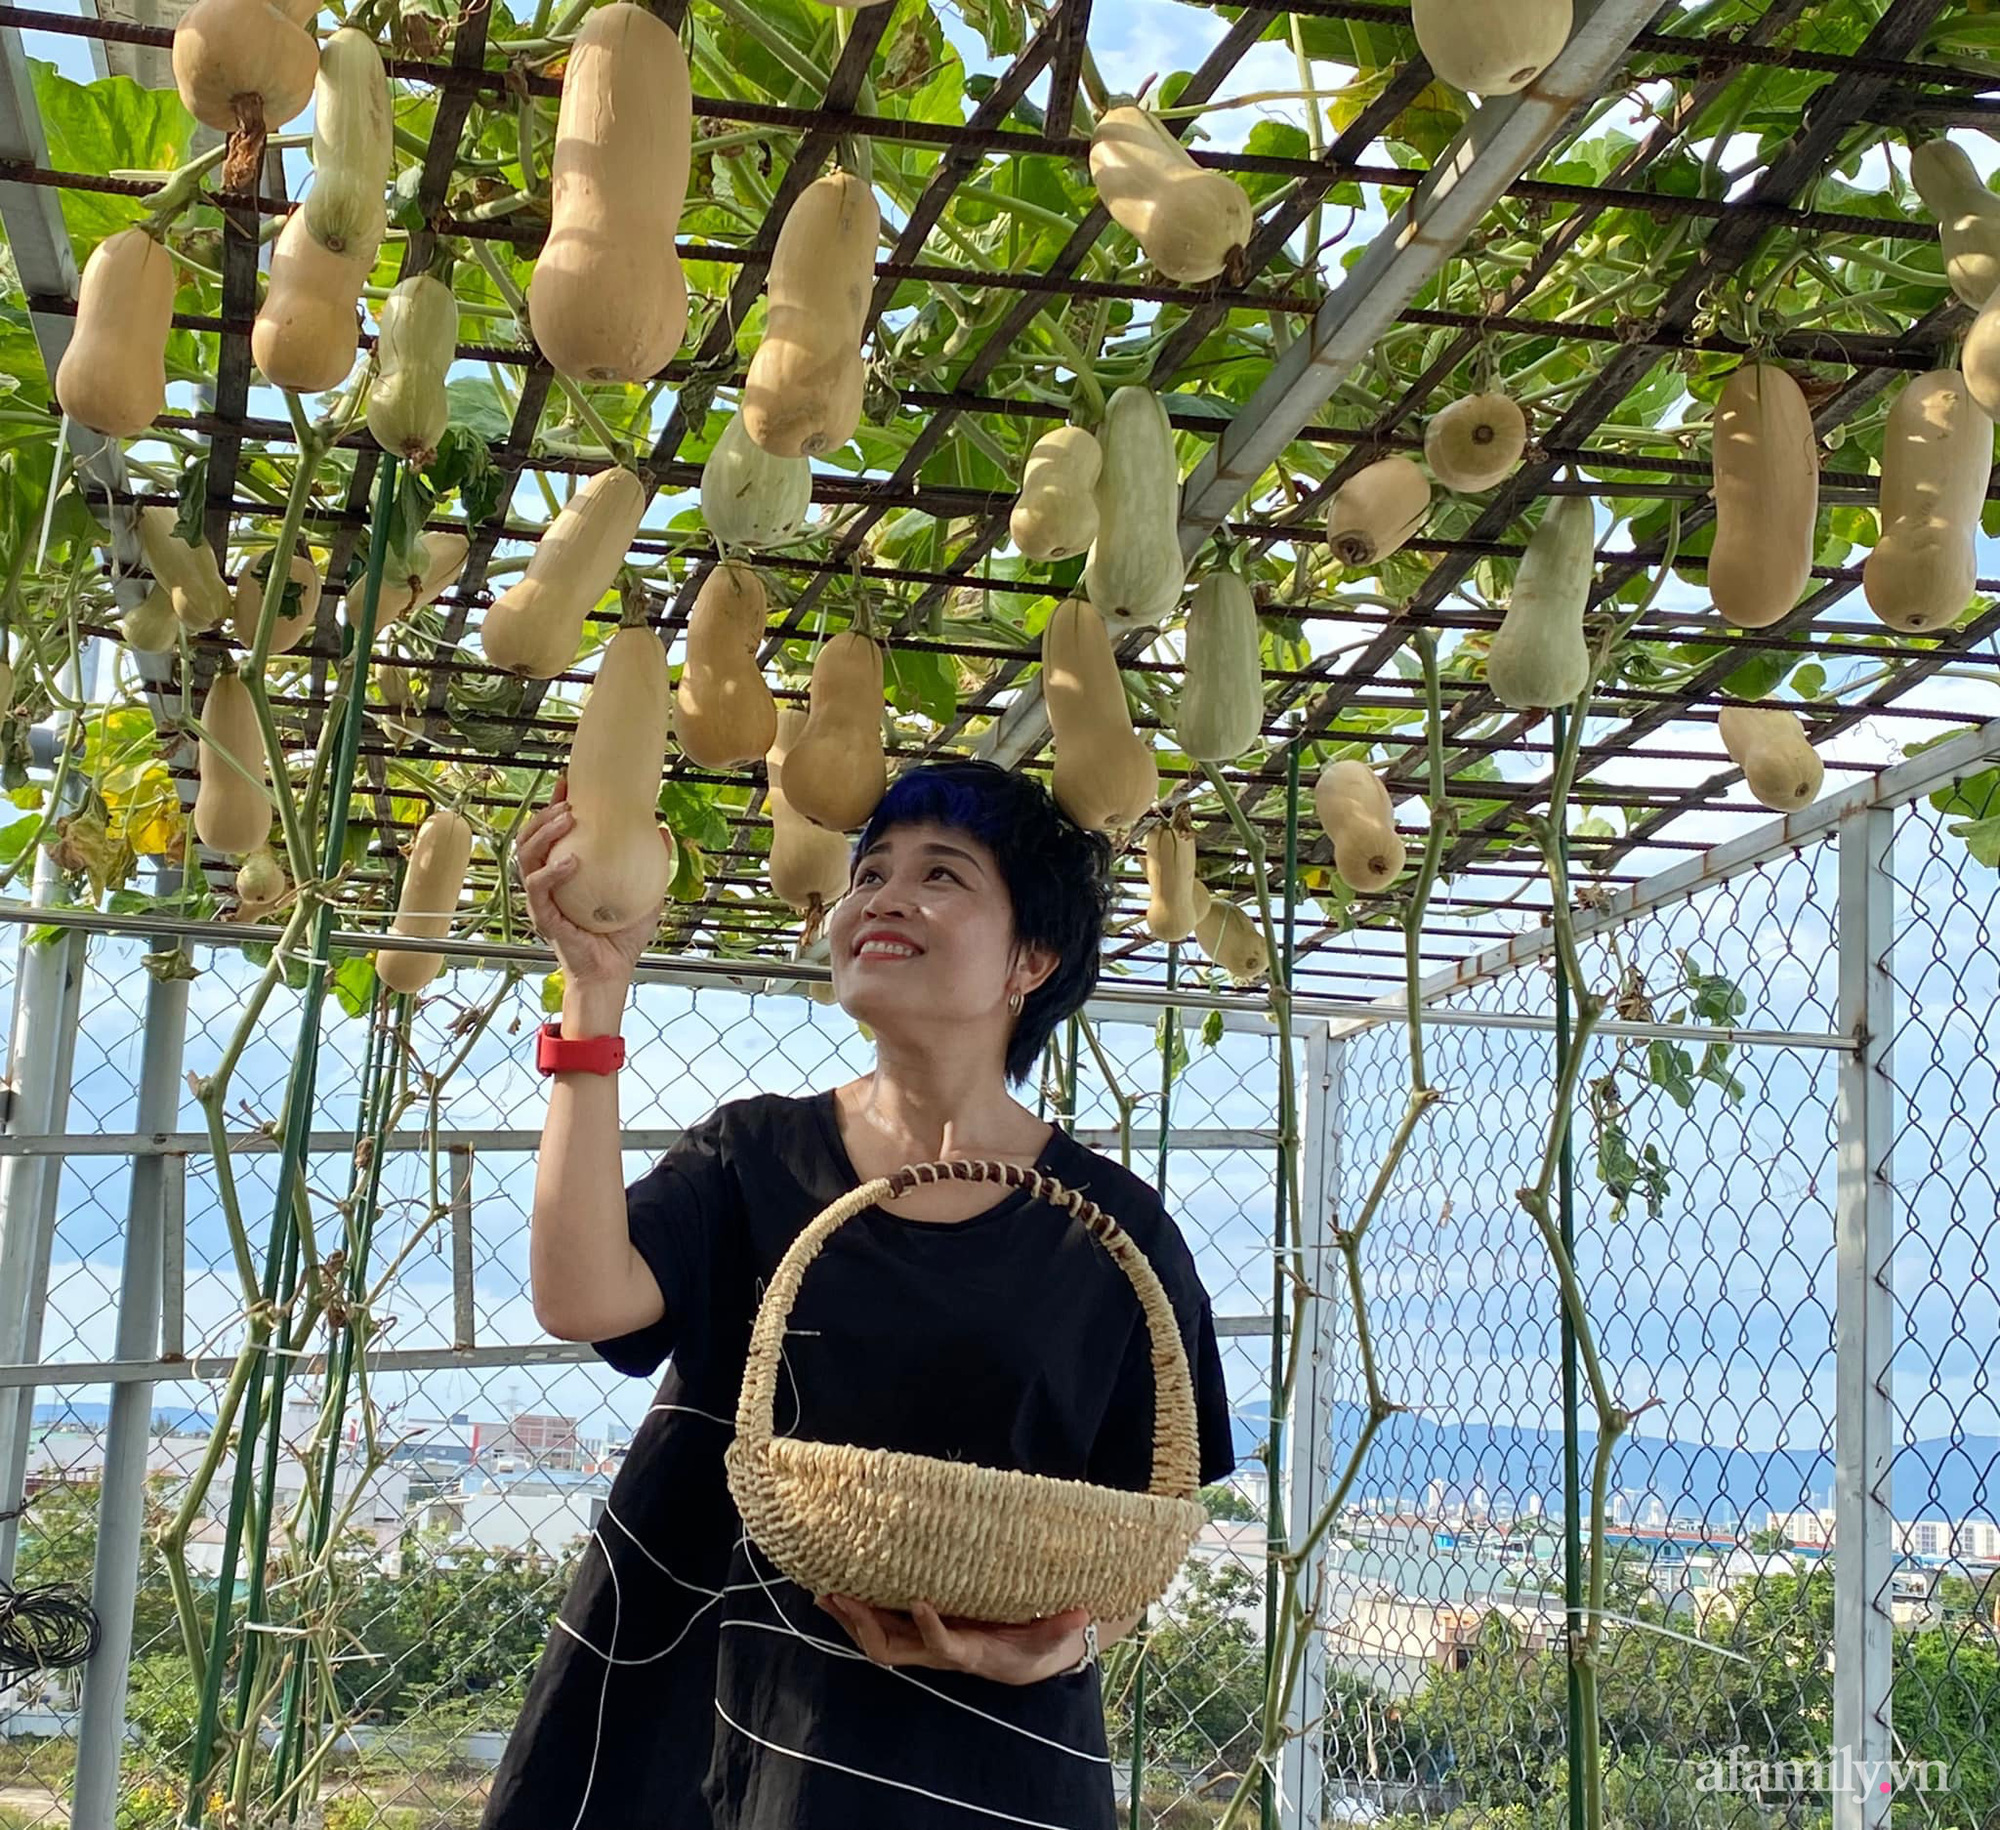 Giãn cách không ra khỏi nhà vẫn đủ rau quả thưởng thức nhờ vườn cây xanh um trên sân thượng ở Đà Nẵng - Ảnh 2.